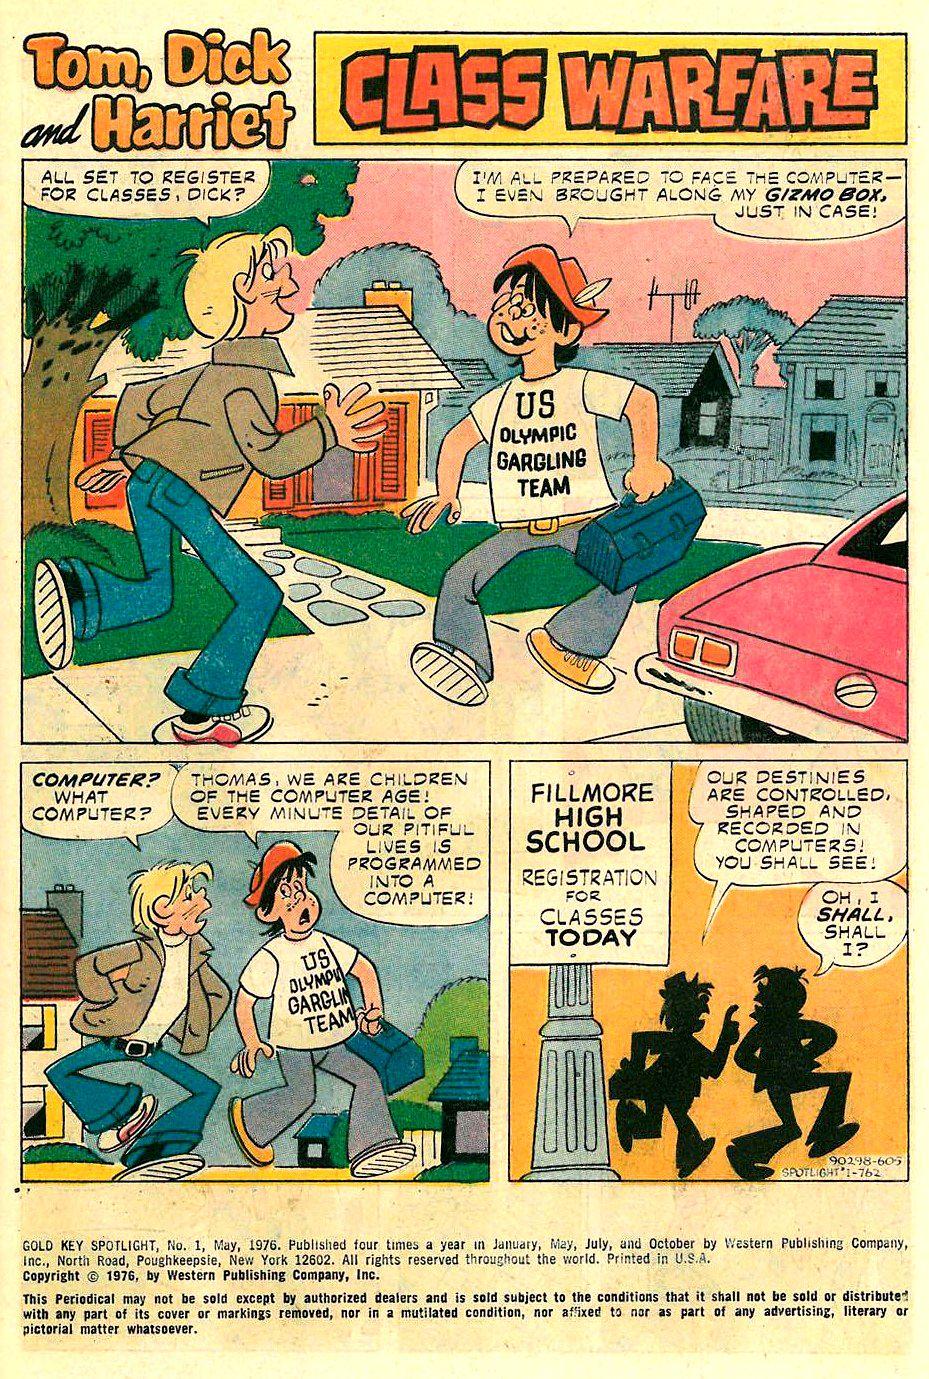 Tom Dick & Harriet - 2